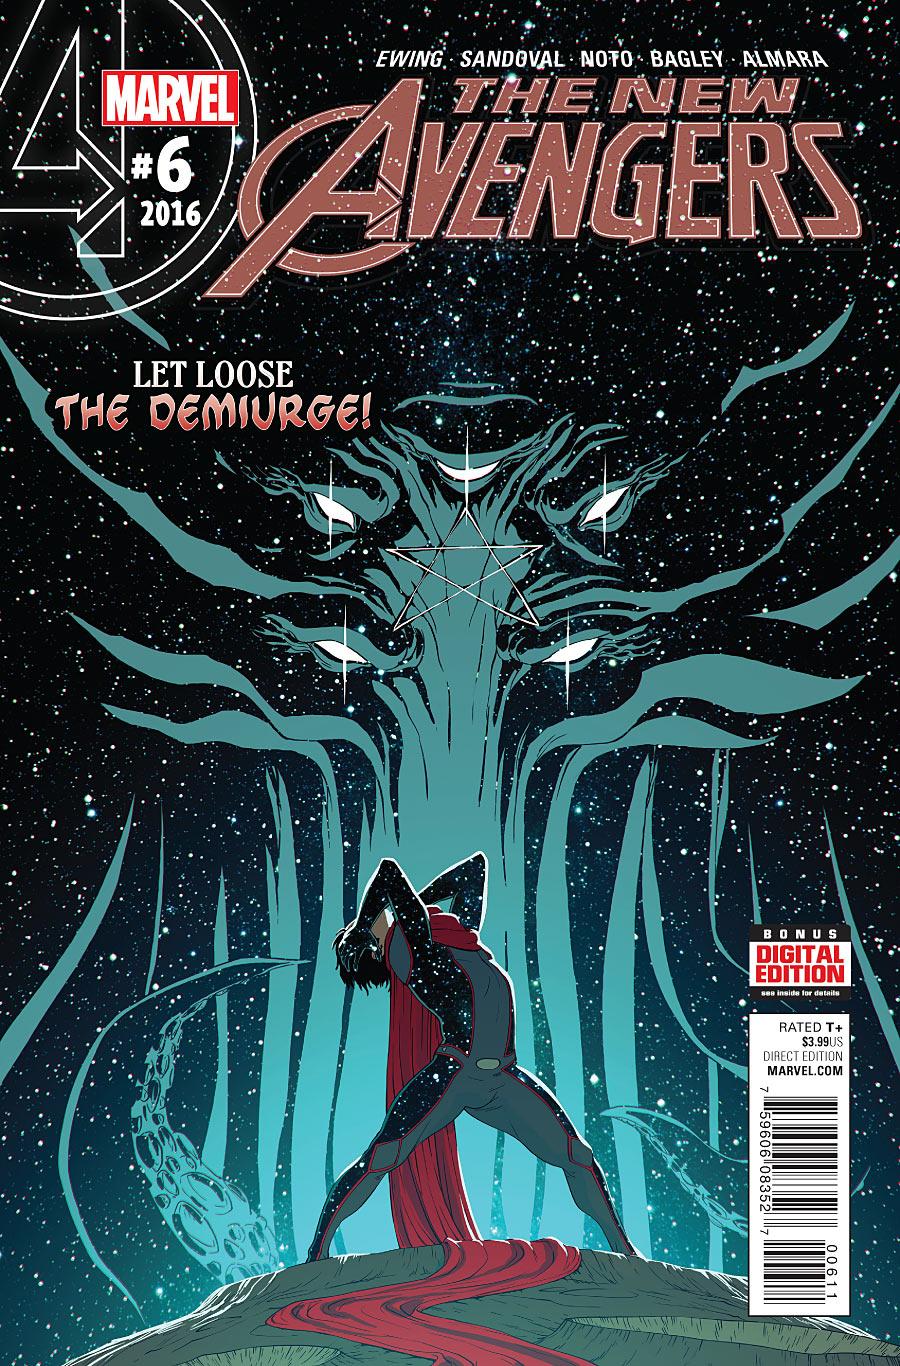 The New Avengers Vol 4 #6. Por Matt Rhodes.